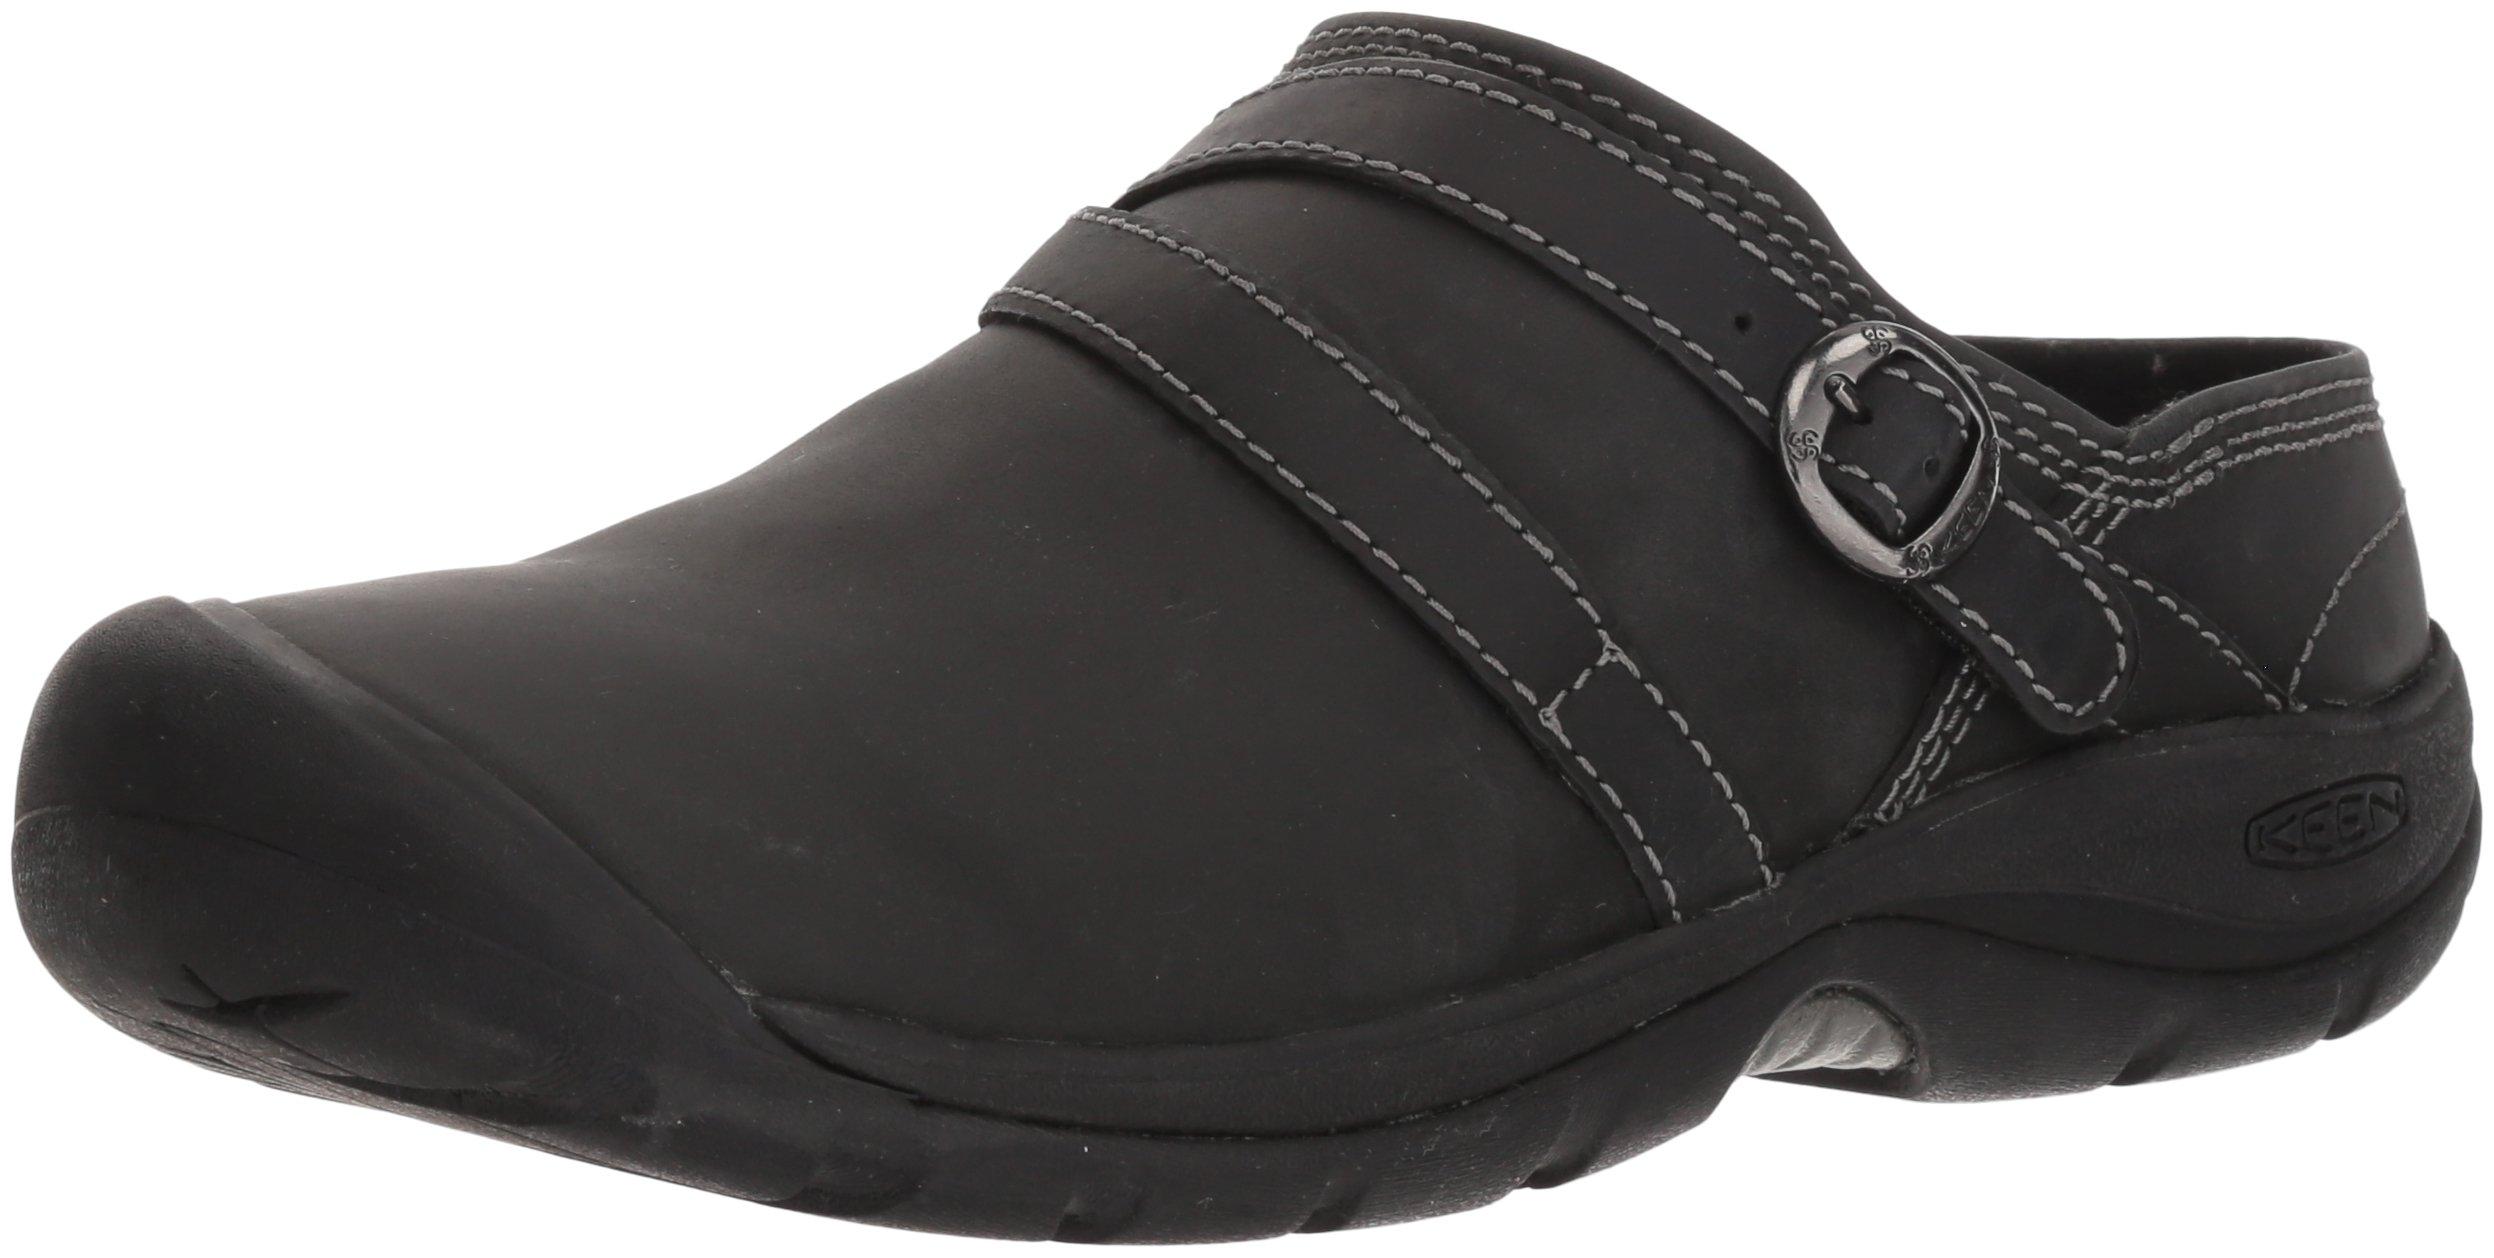 KEEN Women's Presidio II Mule-W Hiking Shoe, Black/Steel Grey, 9 M US by KEEN